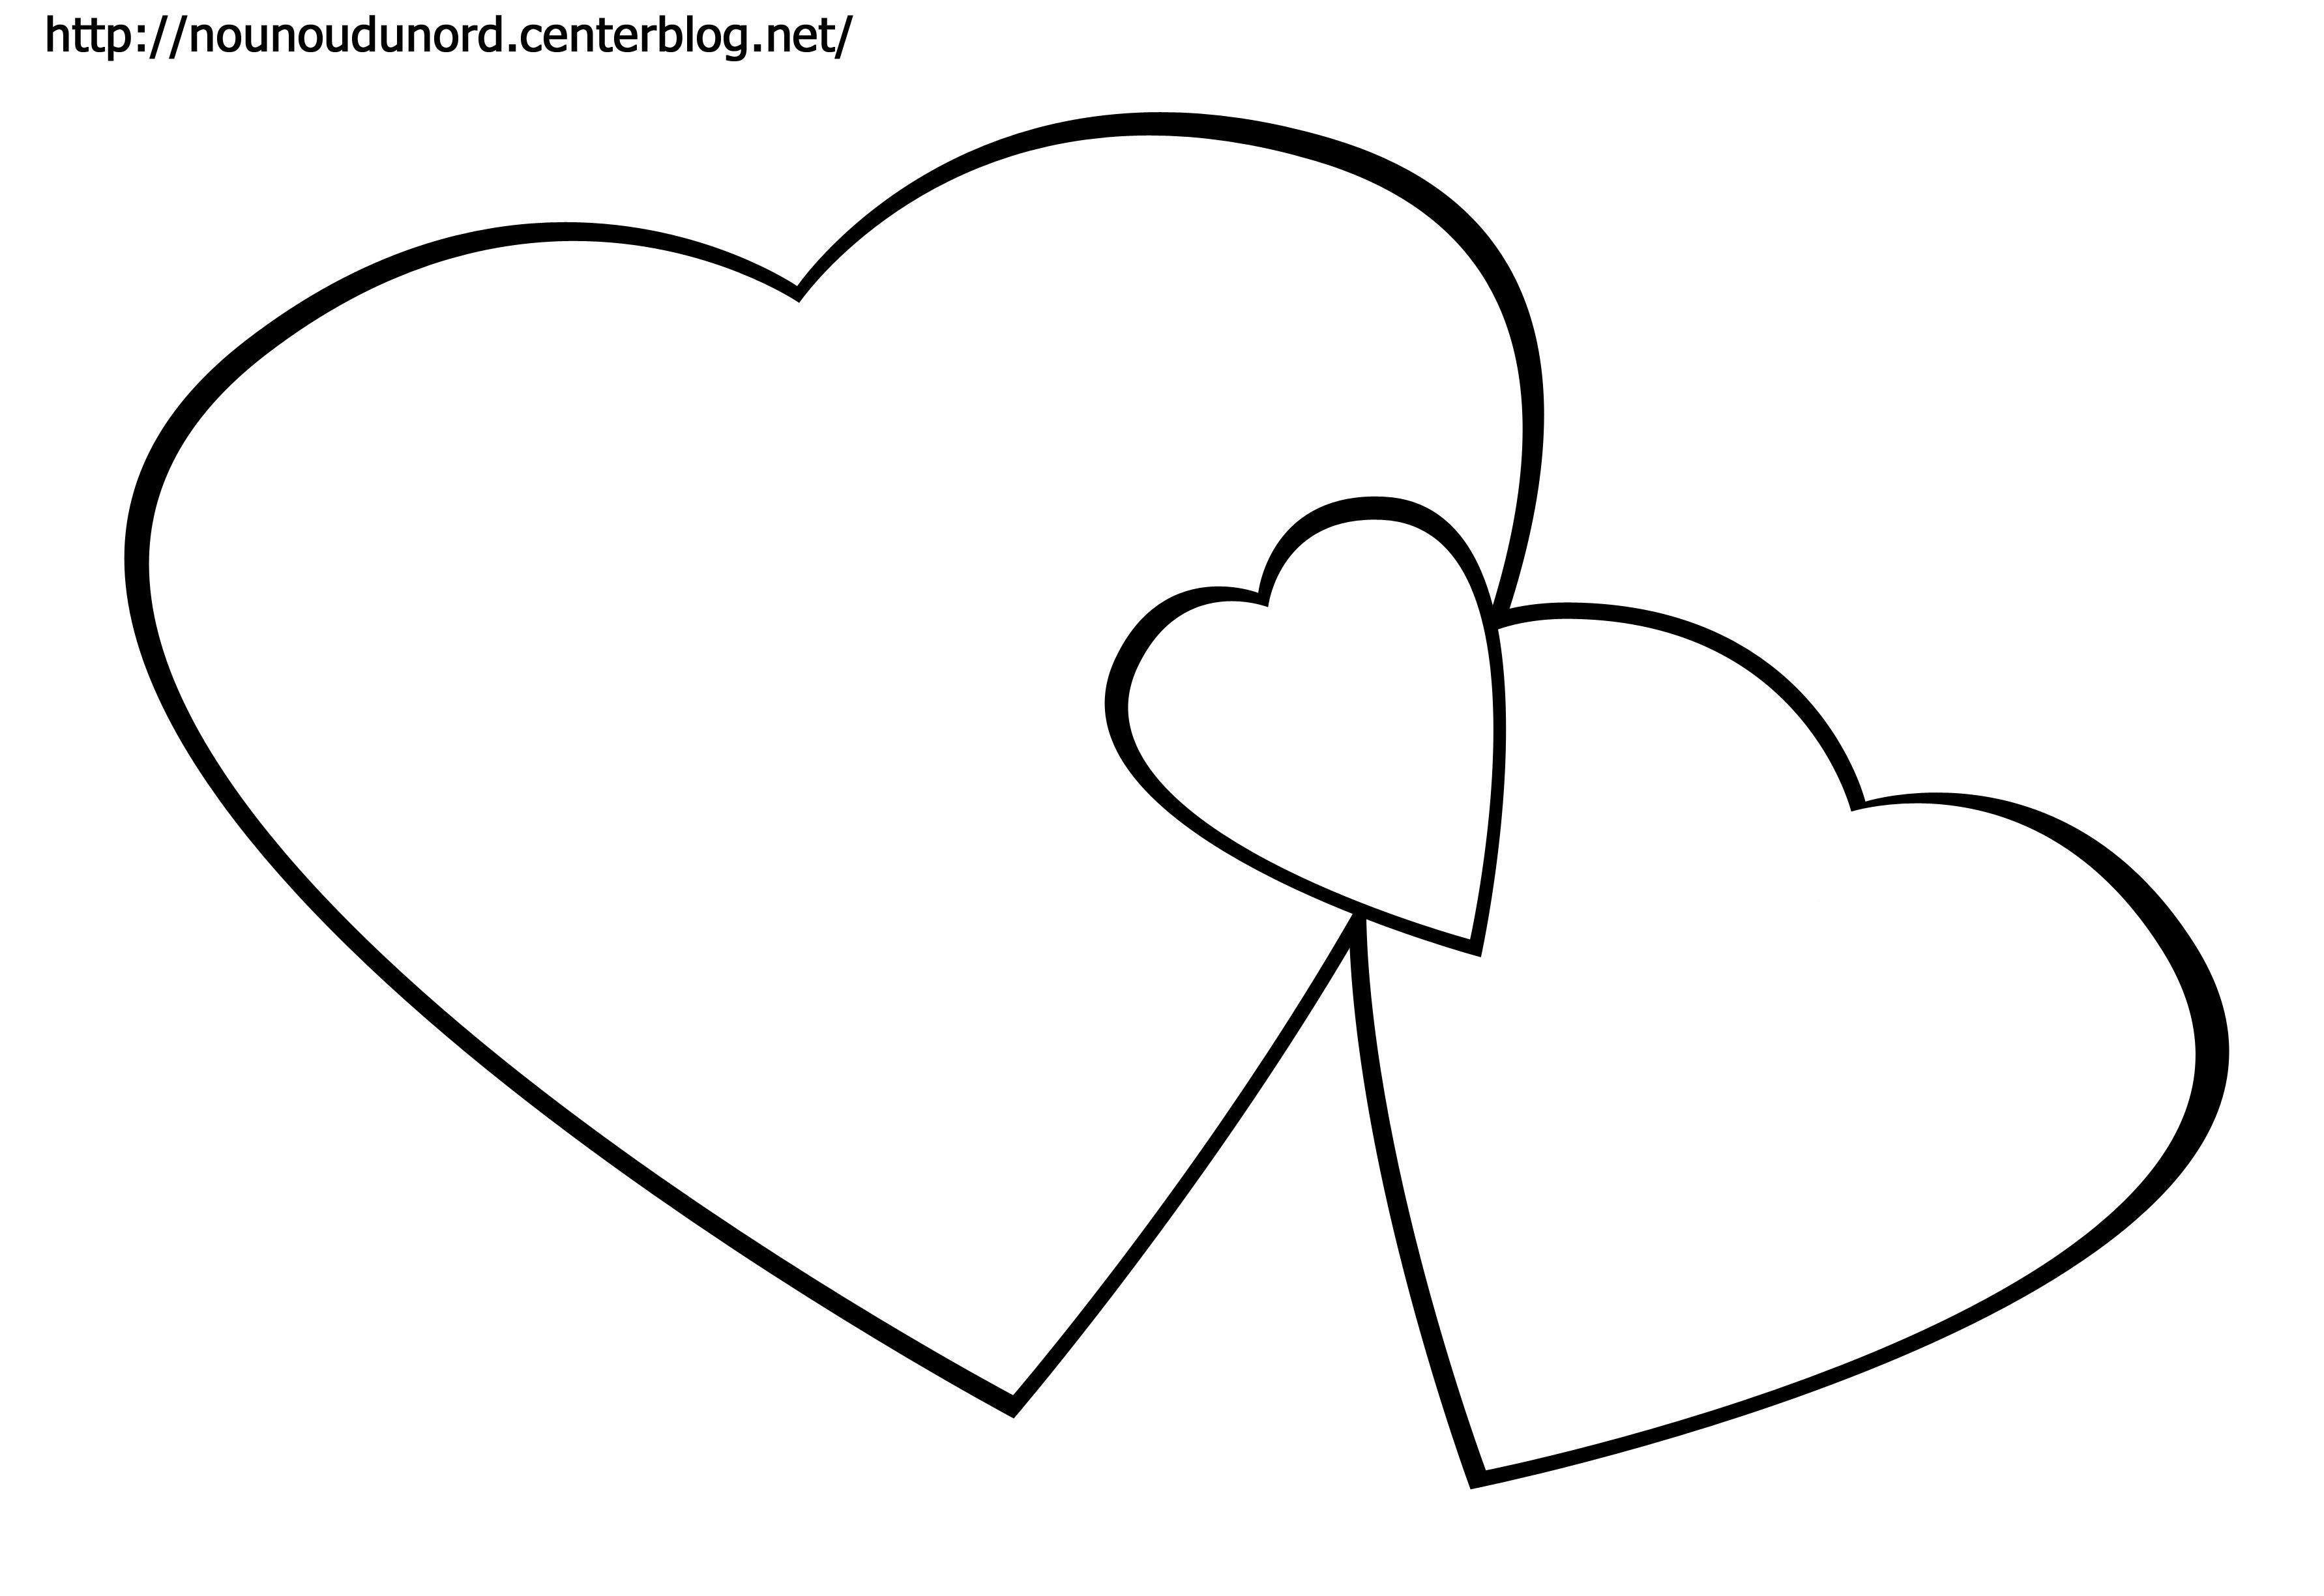 Coloriage Coeur Dessiné Par Nounoudunord avec Dessin De Nounours Avec Un Coeur